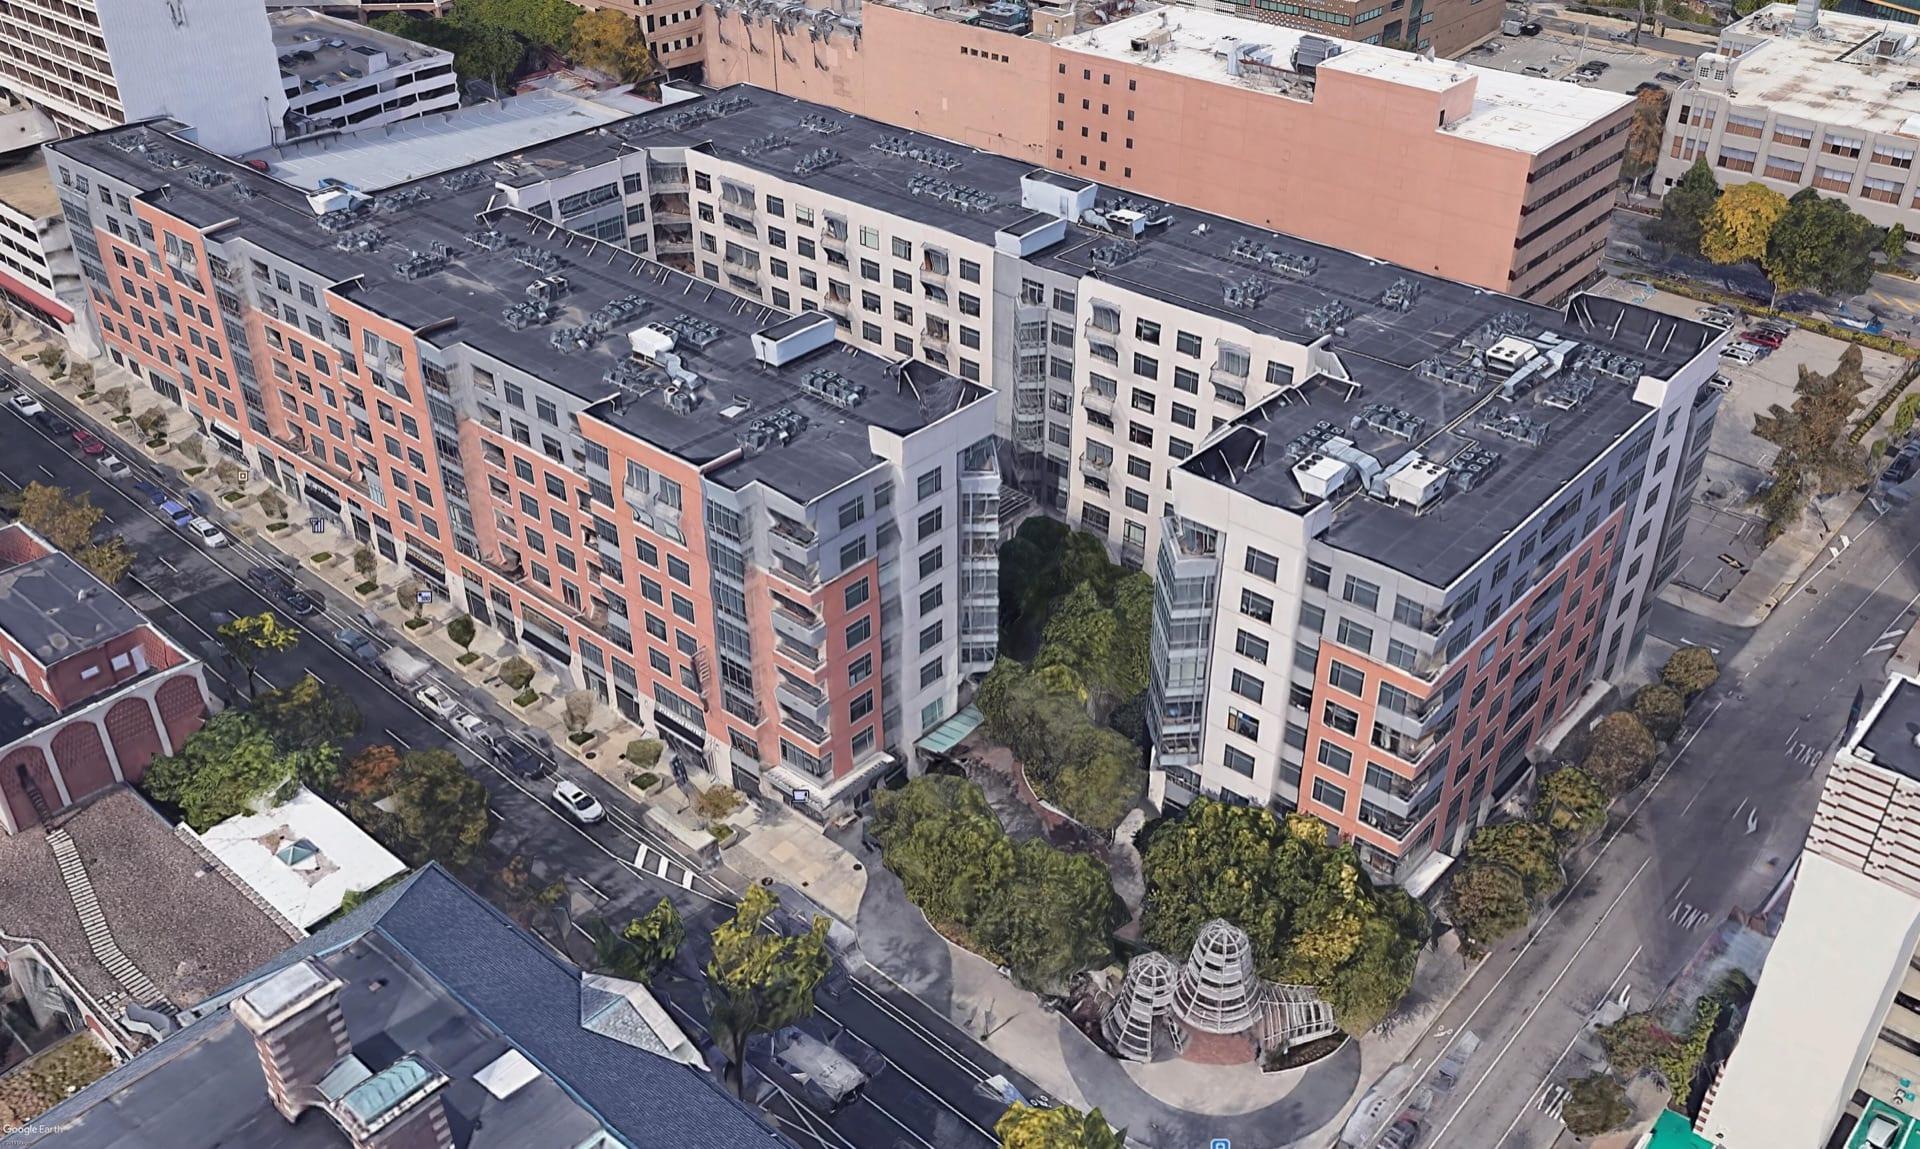 Domus in Philadelphia, PA (Source: Google Maps)